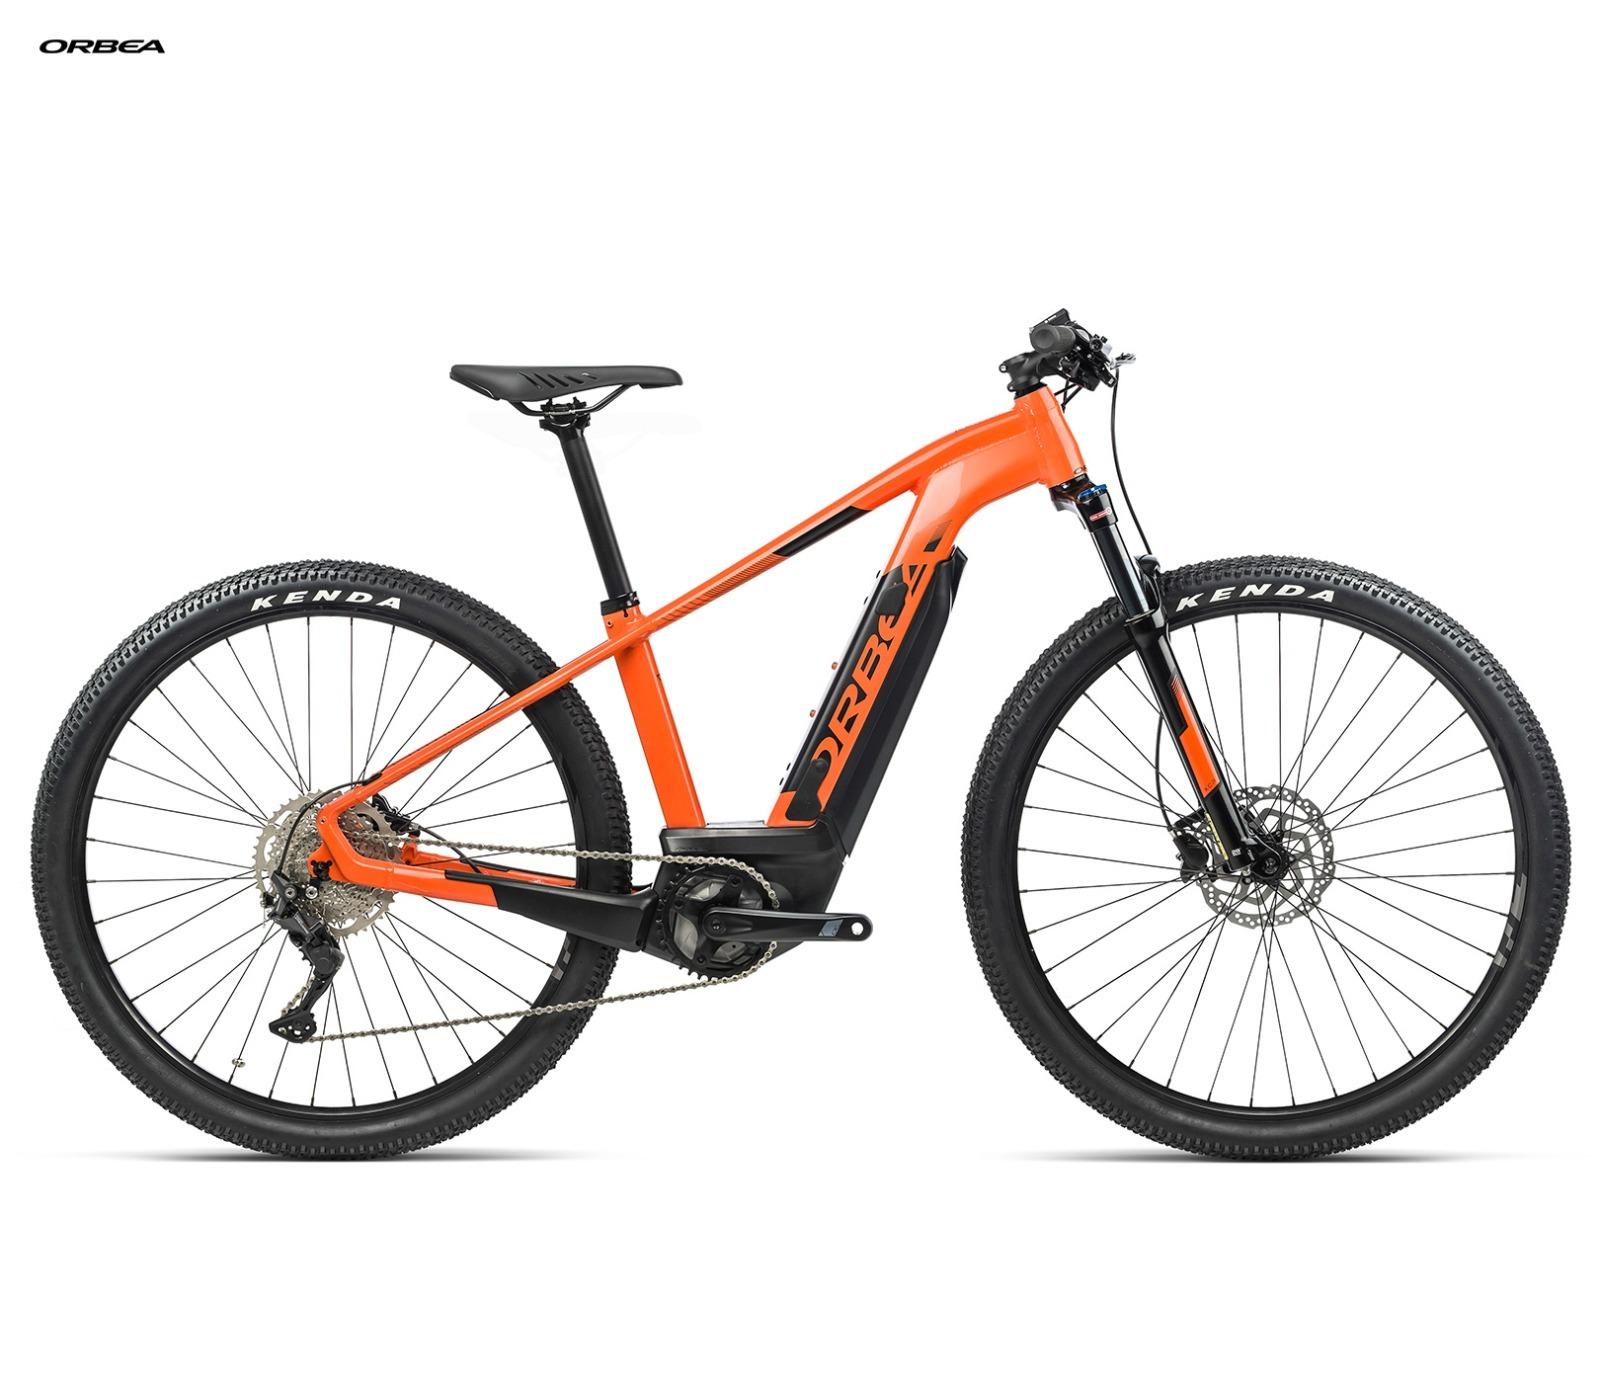 E-Mtb Orbea Keram XK Side - Noleggio Bici Alba